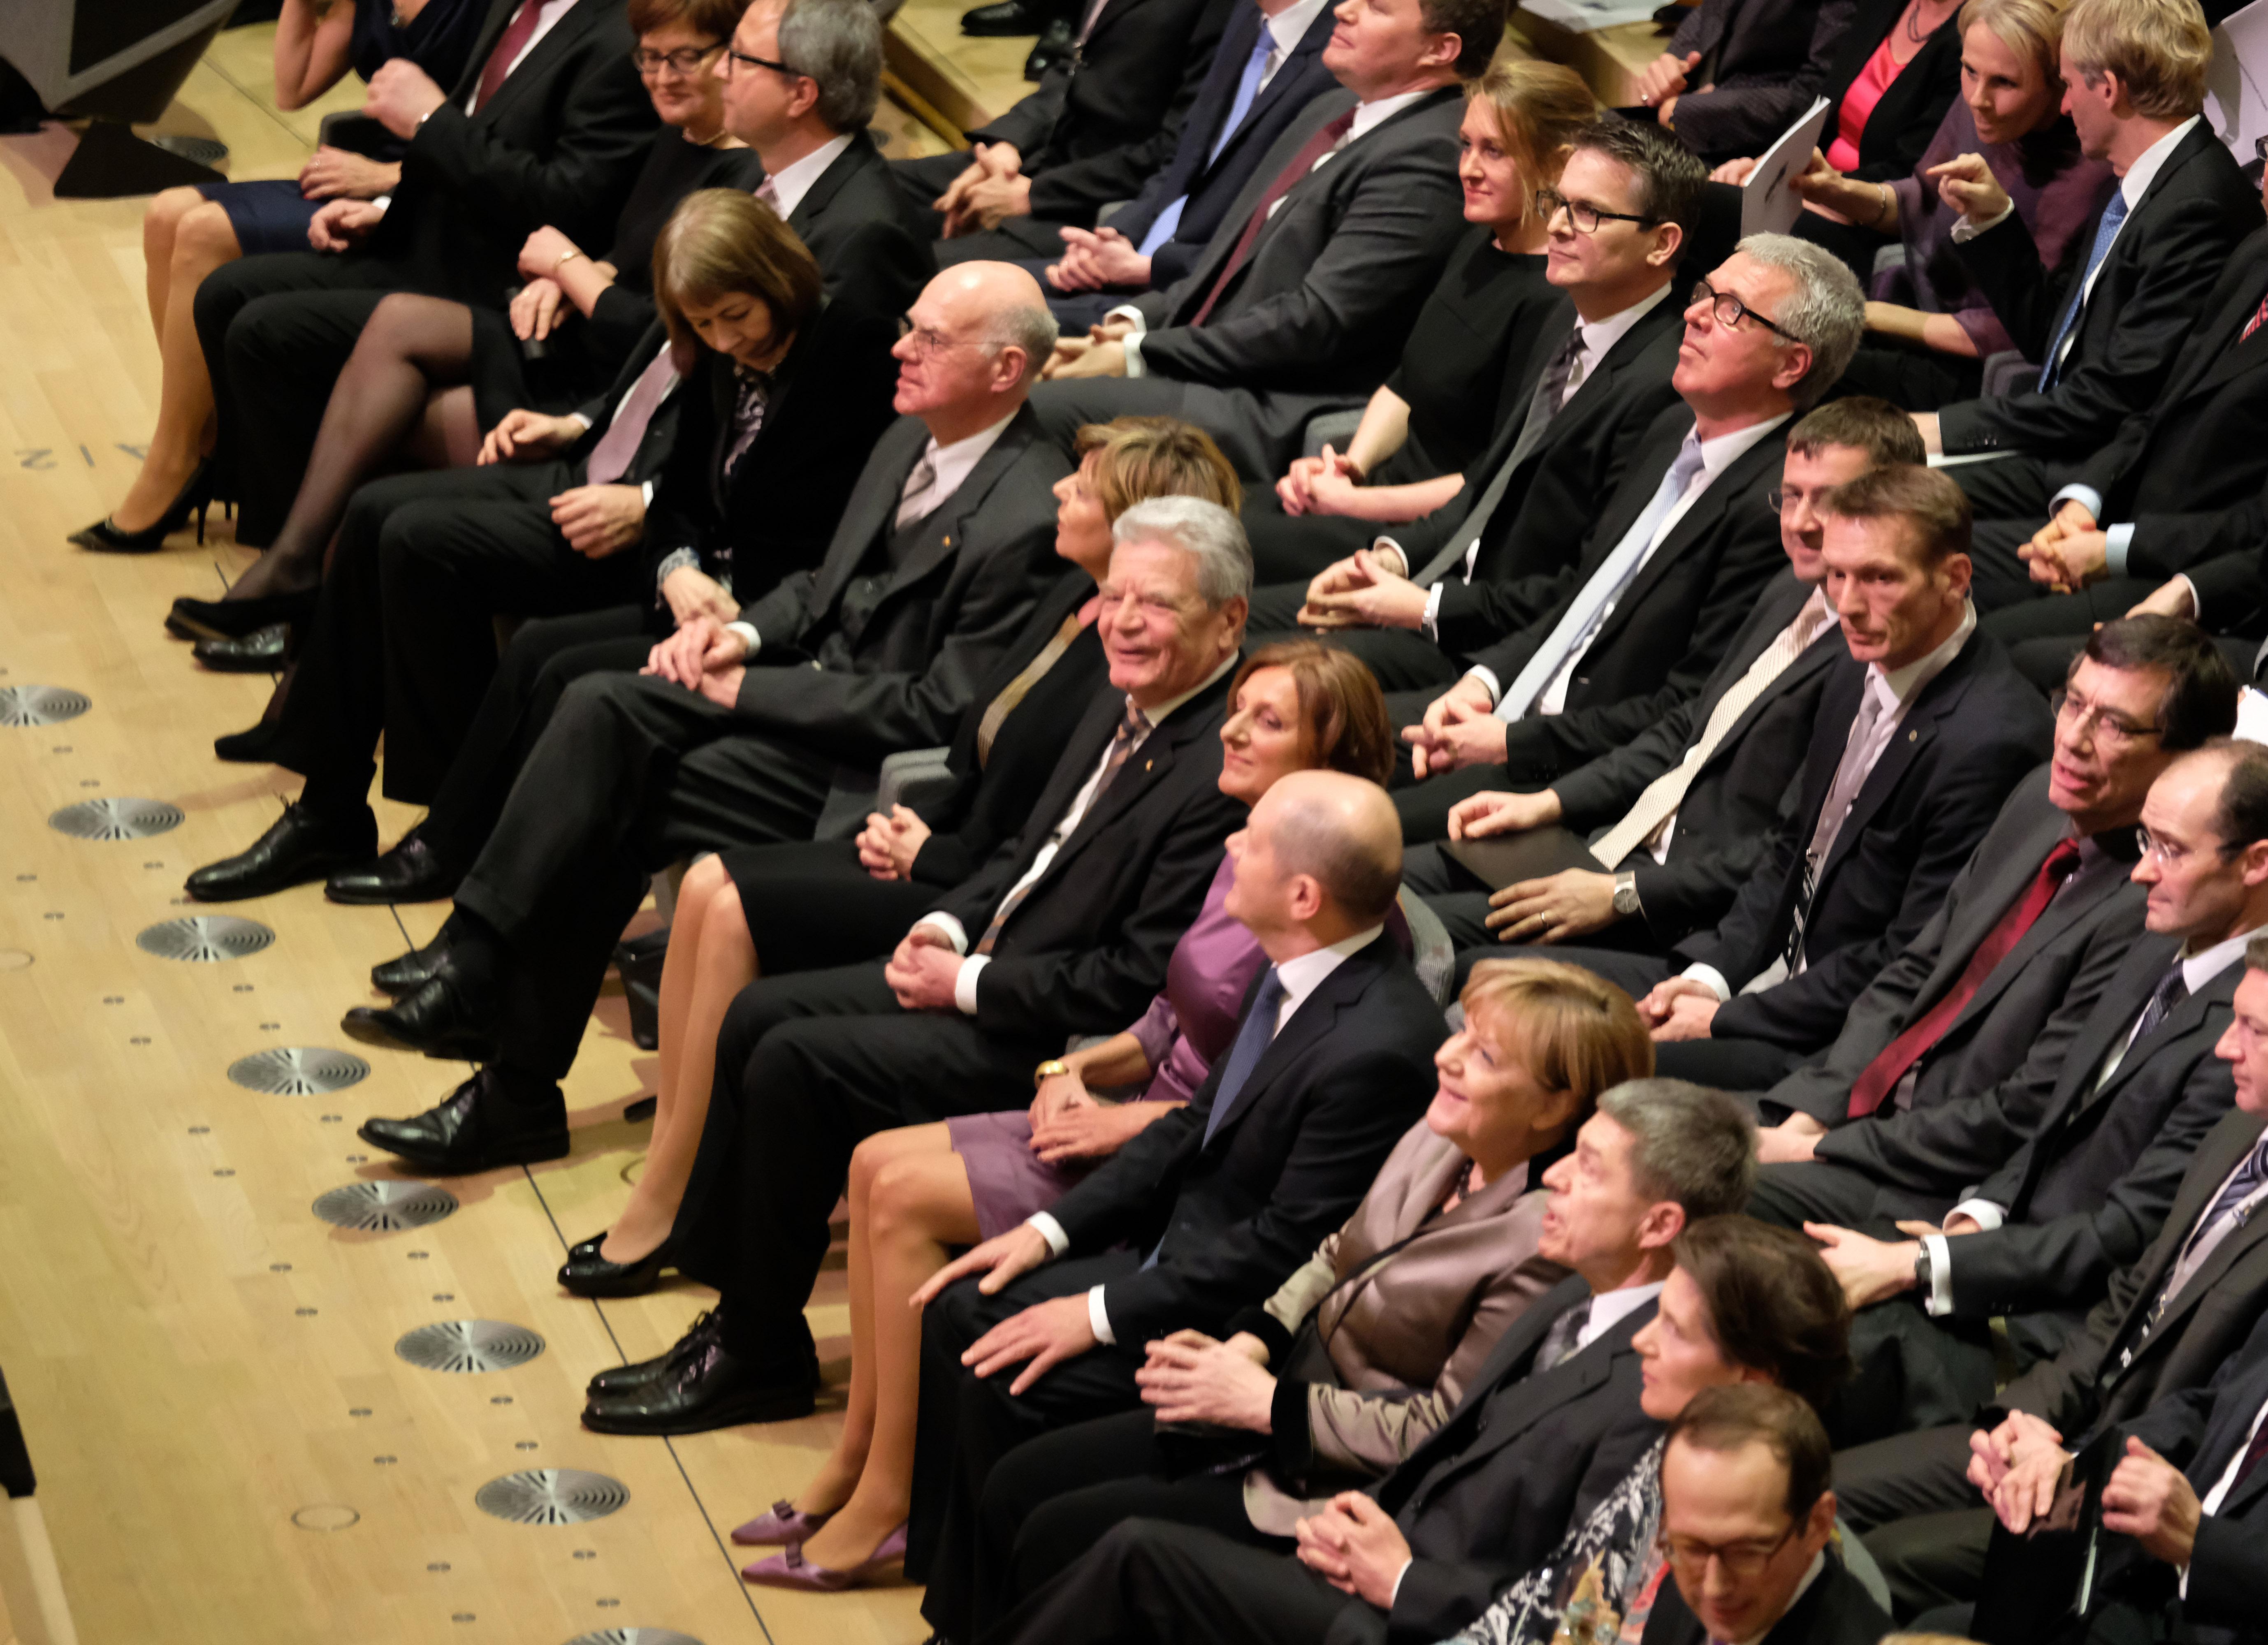 Zum Festakt war viel Prominenz geladen. Unter ihnen der deutsche Bundespräsident Gauck sowie die Bundeskanzlerin Angela Merkel. (Bild: Michael Zapf)